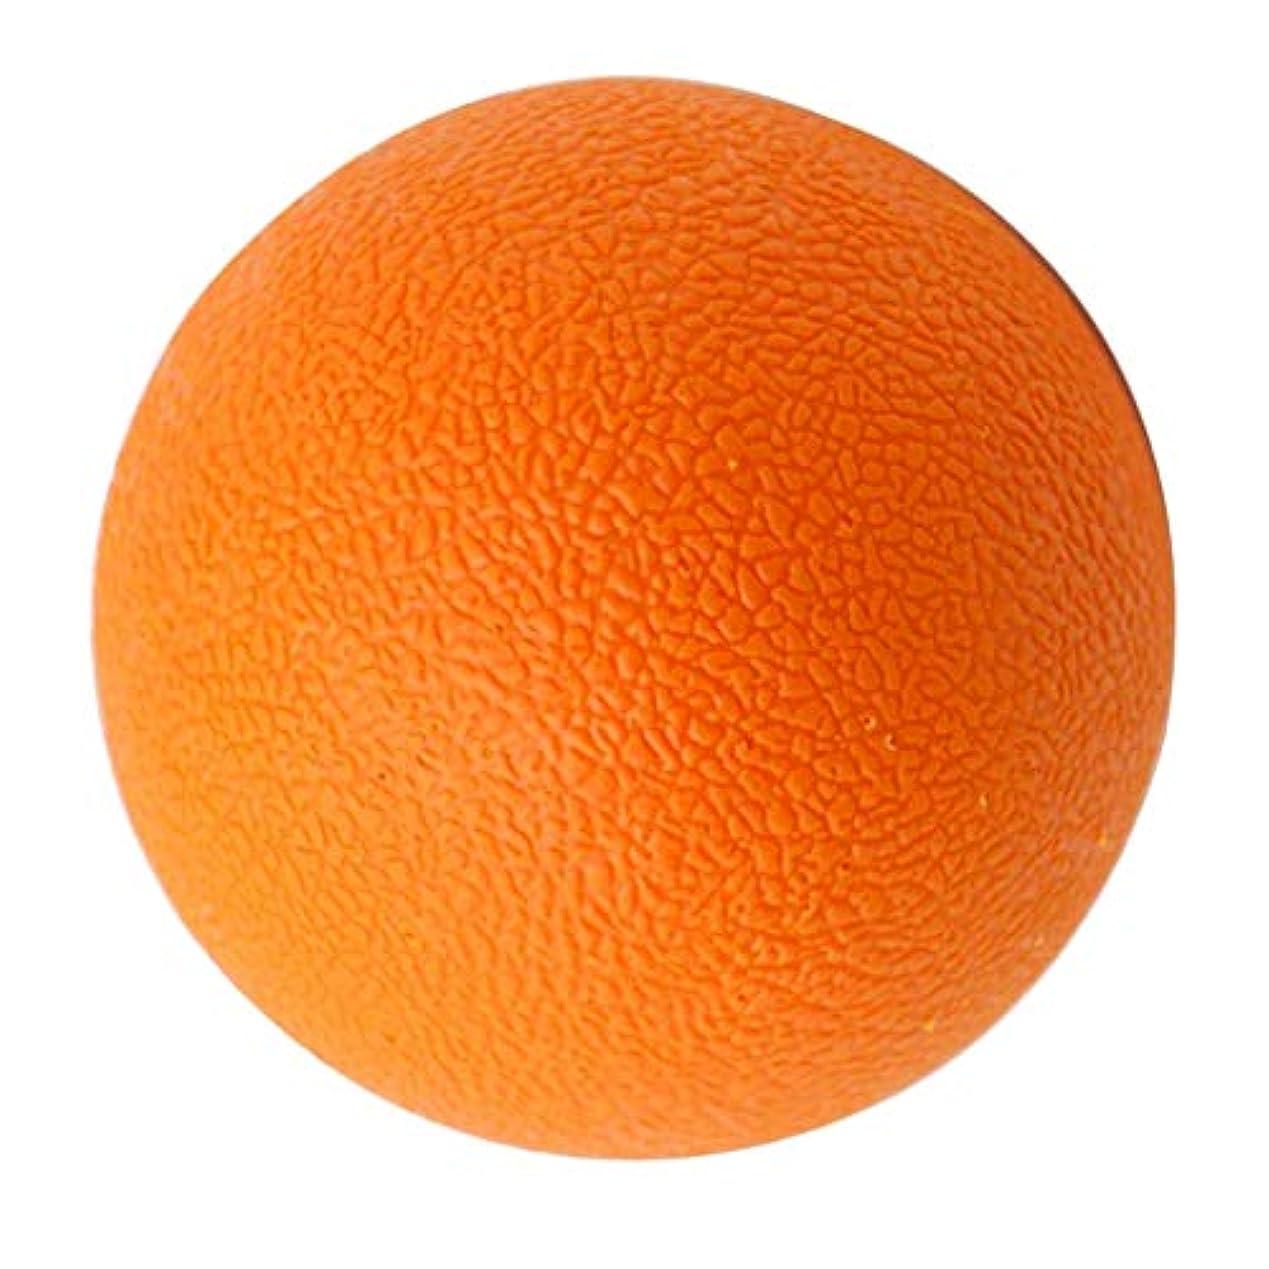 憂慮すべきパントリータールCUTICATE ラクロスボール マッサージボール トリガーポイント 筋膜リリース 腕、首、背中 解消 オレンジ